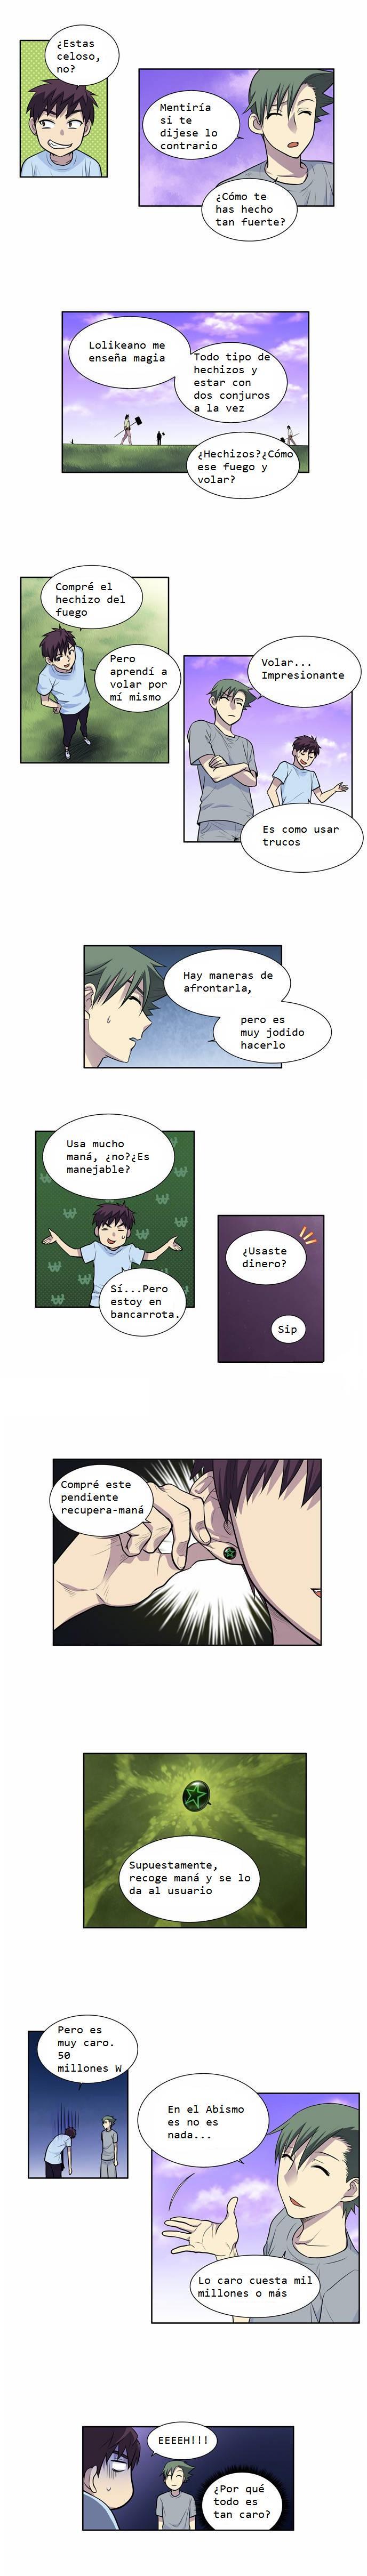 http://c5.ninemanga.com/es_manga/61/1725/396913/21fb6e8345fe6db0c1b7bc9ccb4a9bff.jpg Page 3